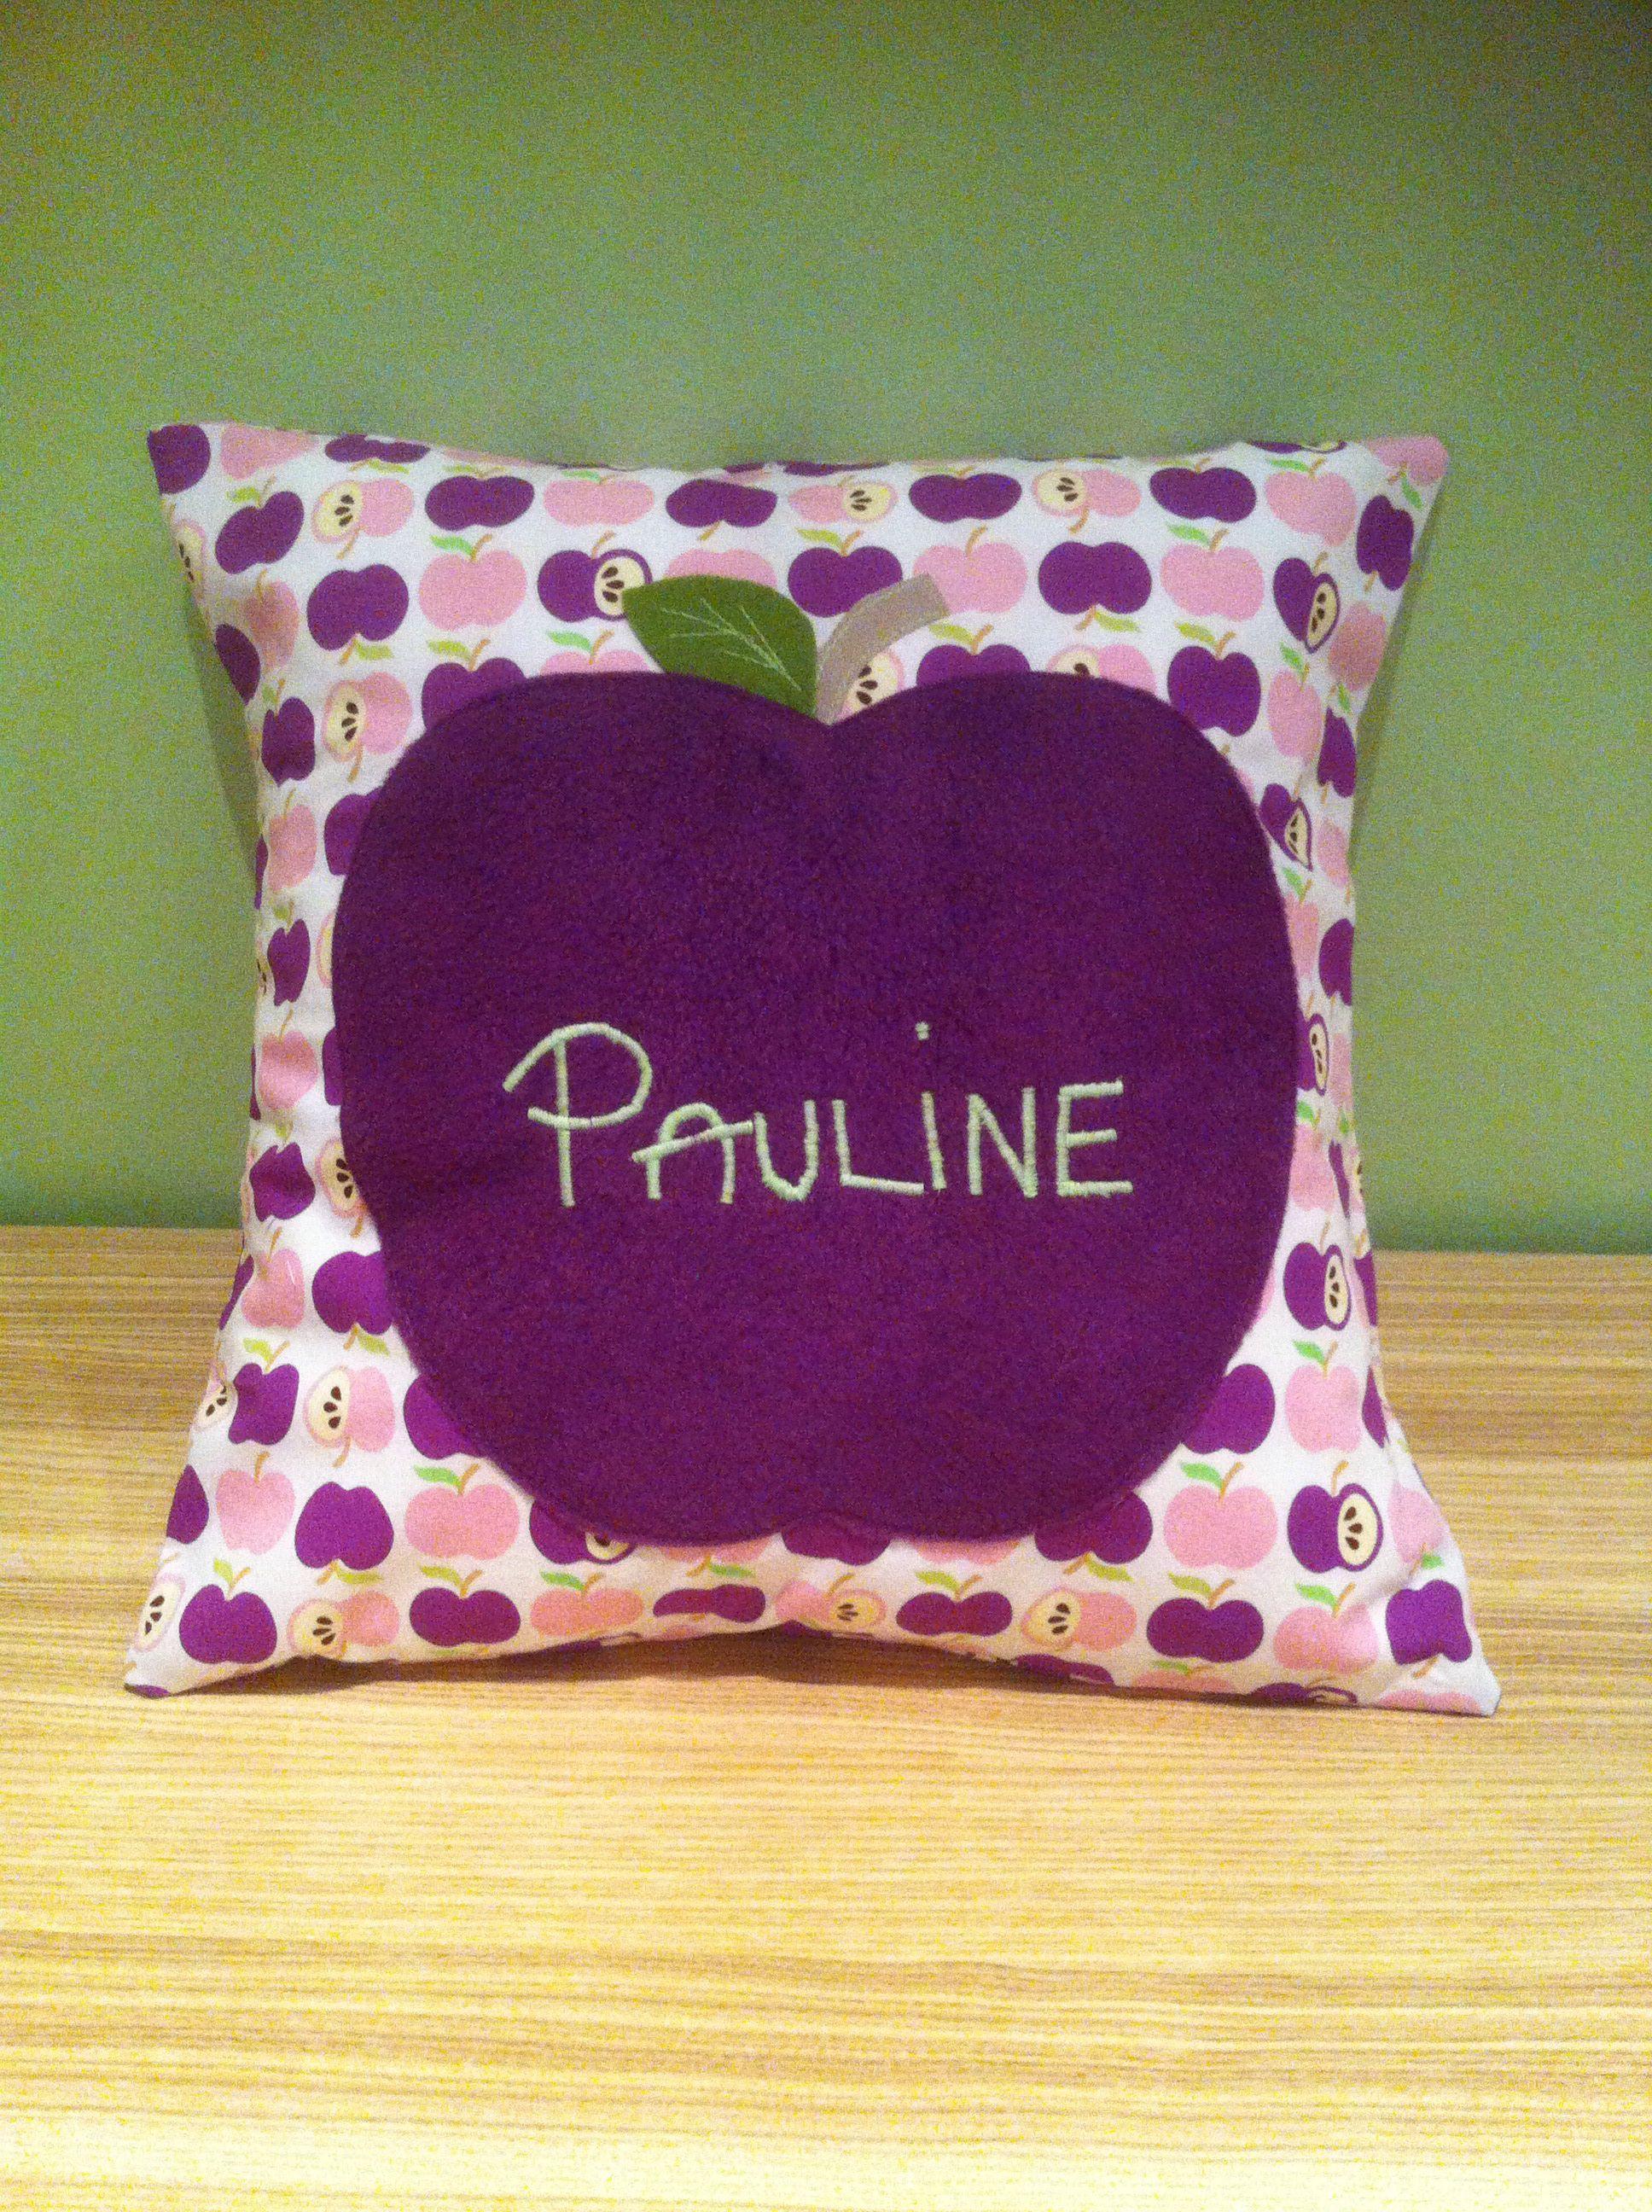 Kissen für Pauline Stoff: an Apple a Day / HamburgerLiebe